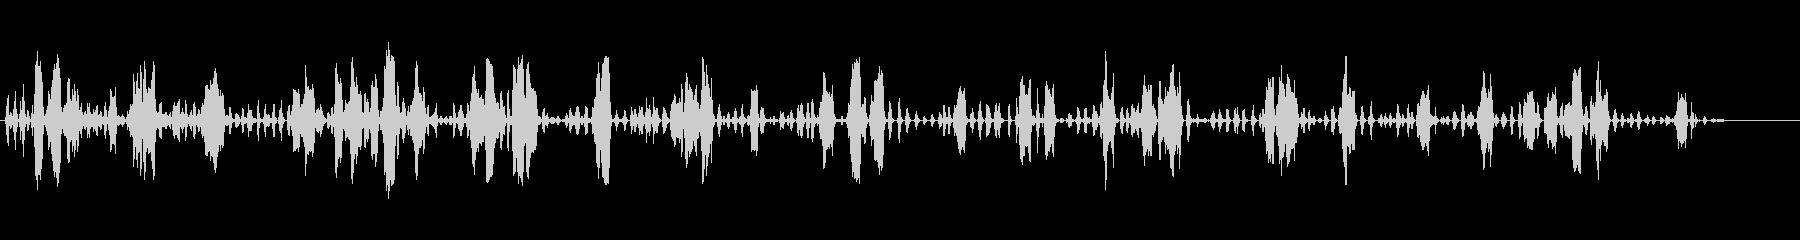 ヘンハウス2、バード; DIGIF...の未再生の波形